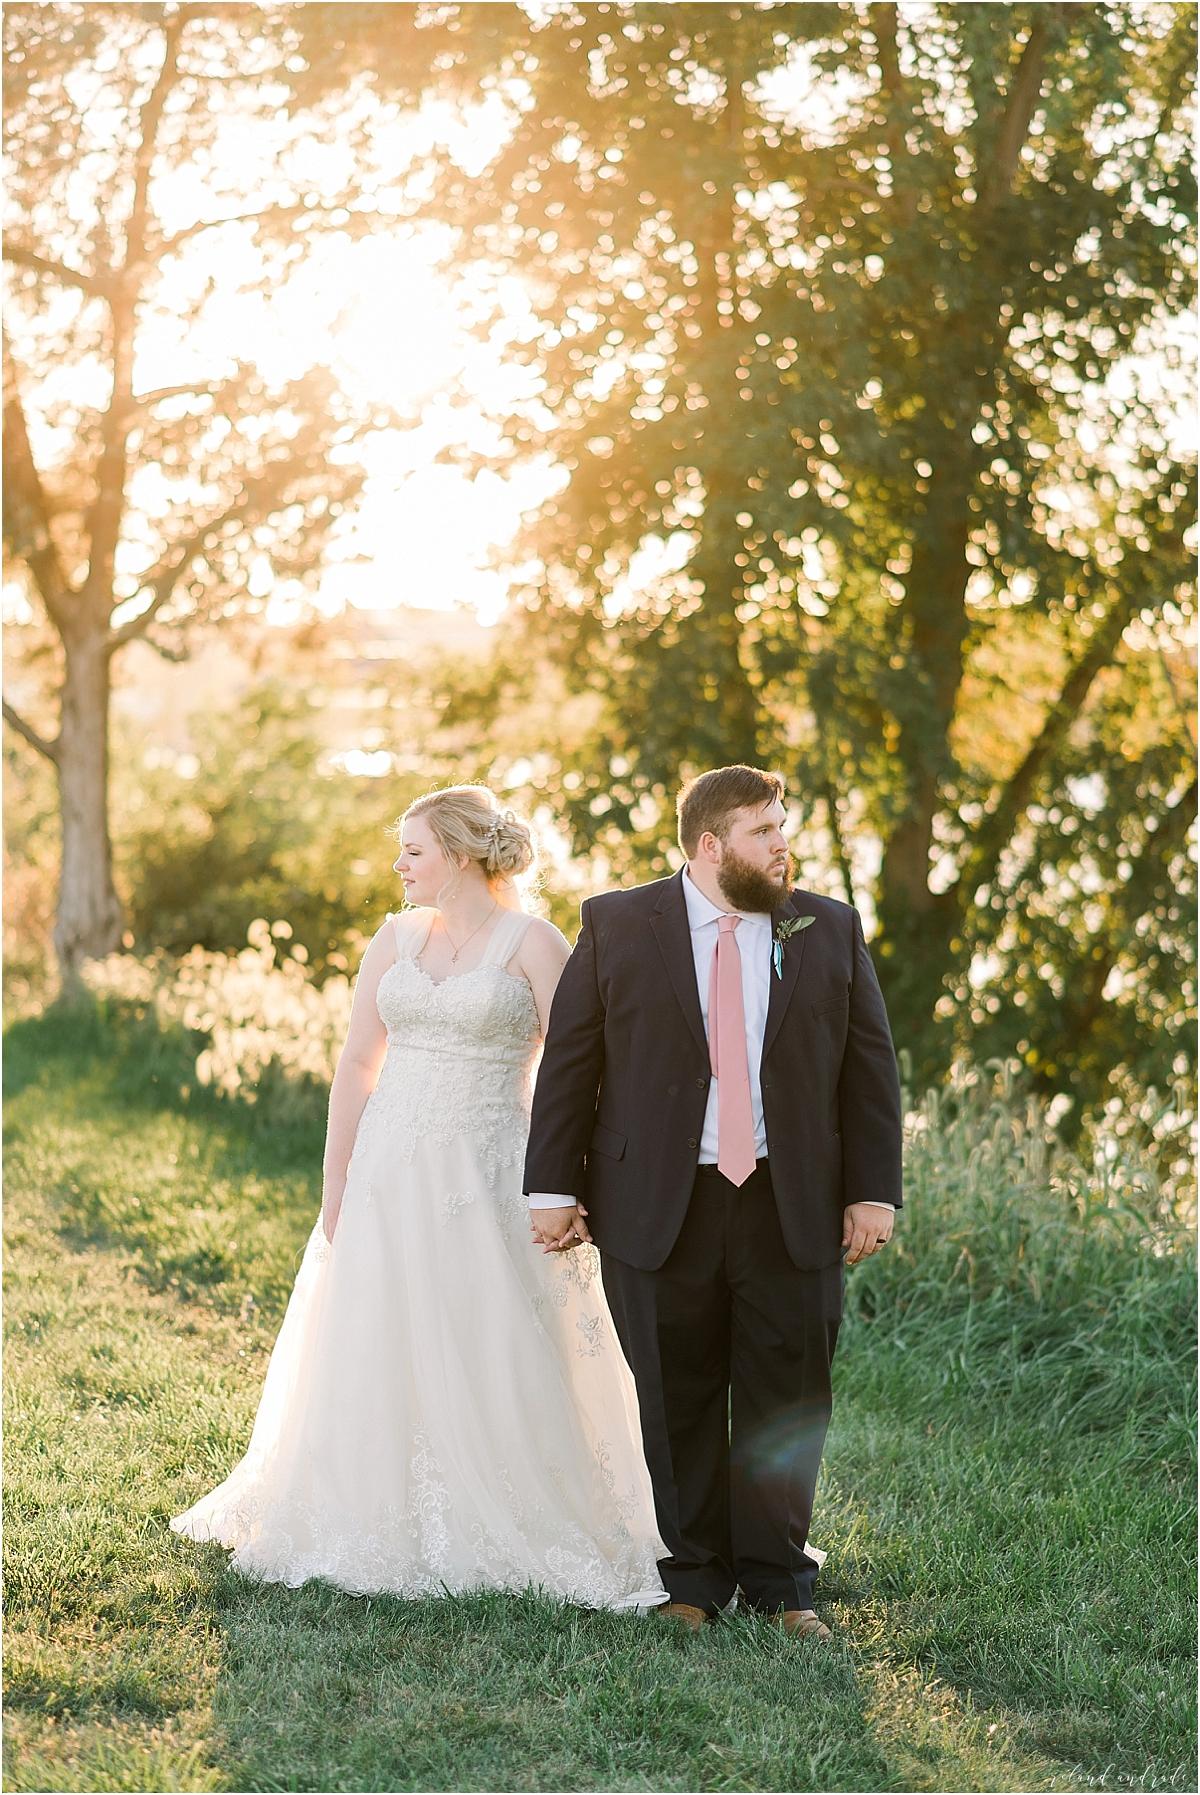 The Waterhouse Wedding, Chicago Wedding Photographer, Peoria Wedding Photographer, Best Photographer In Aurora, Best Photographer In Chicago_0077.jpg